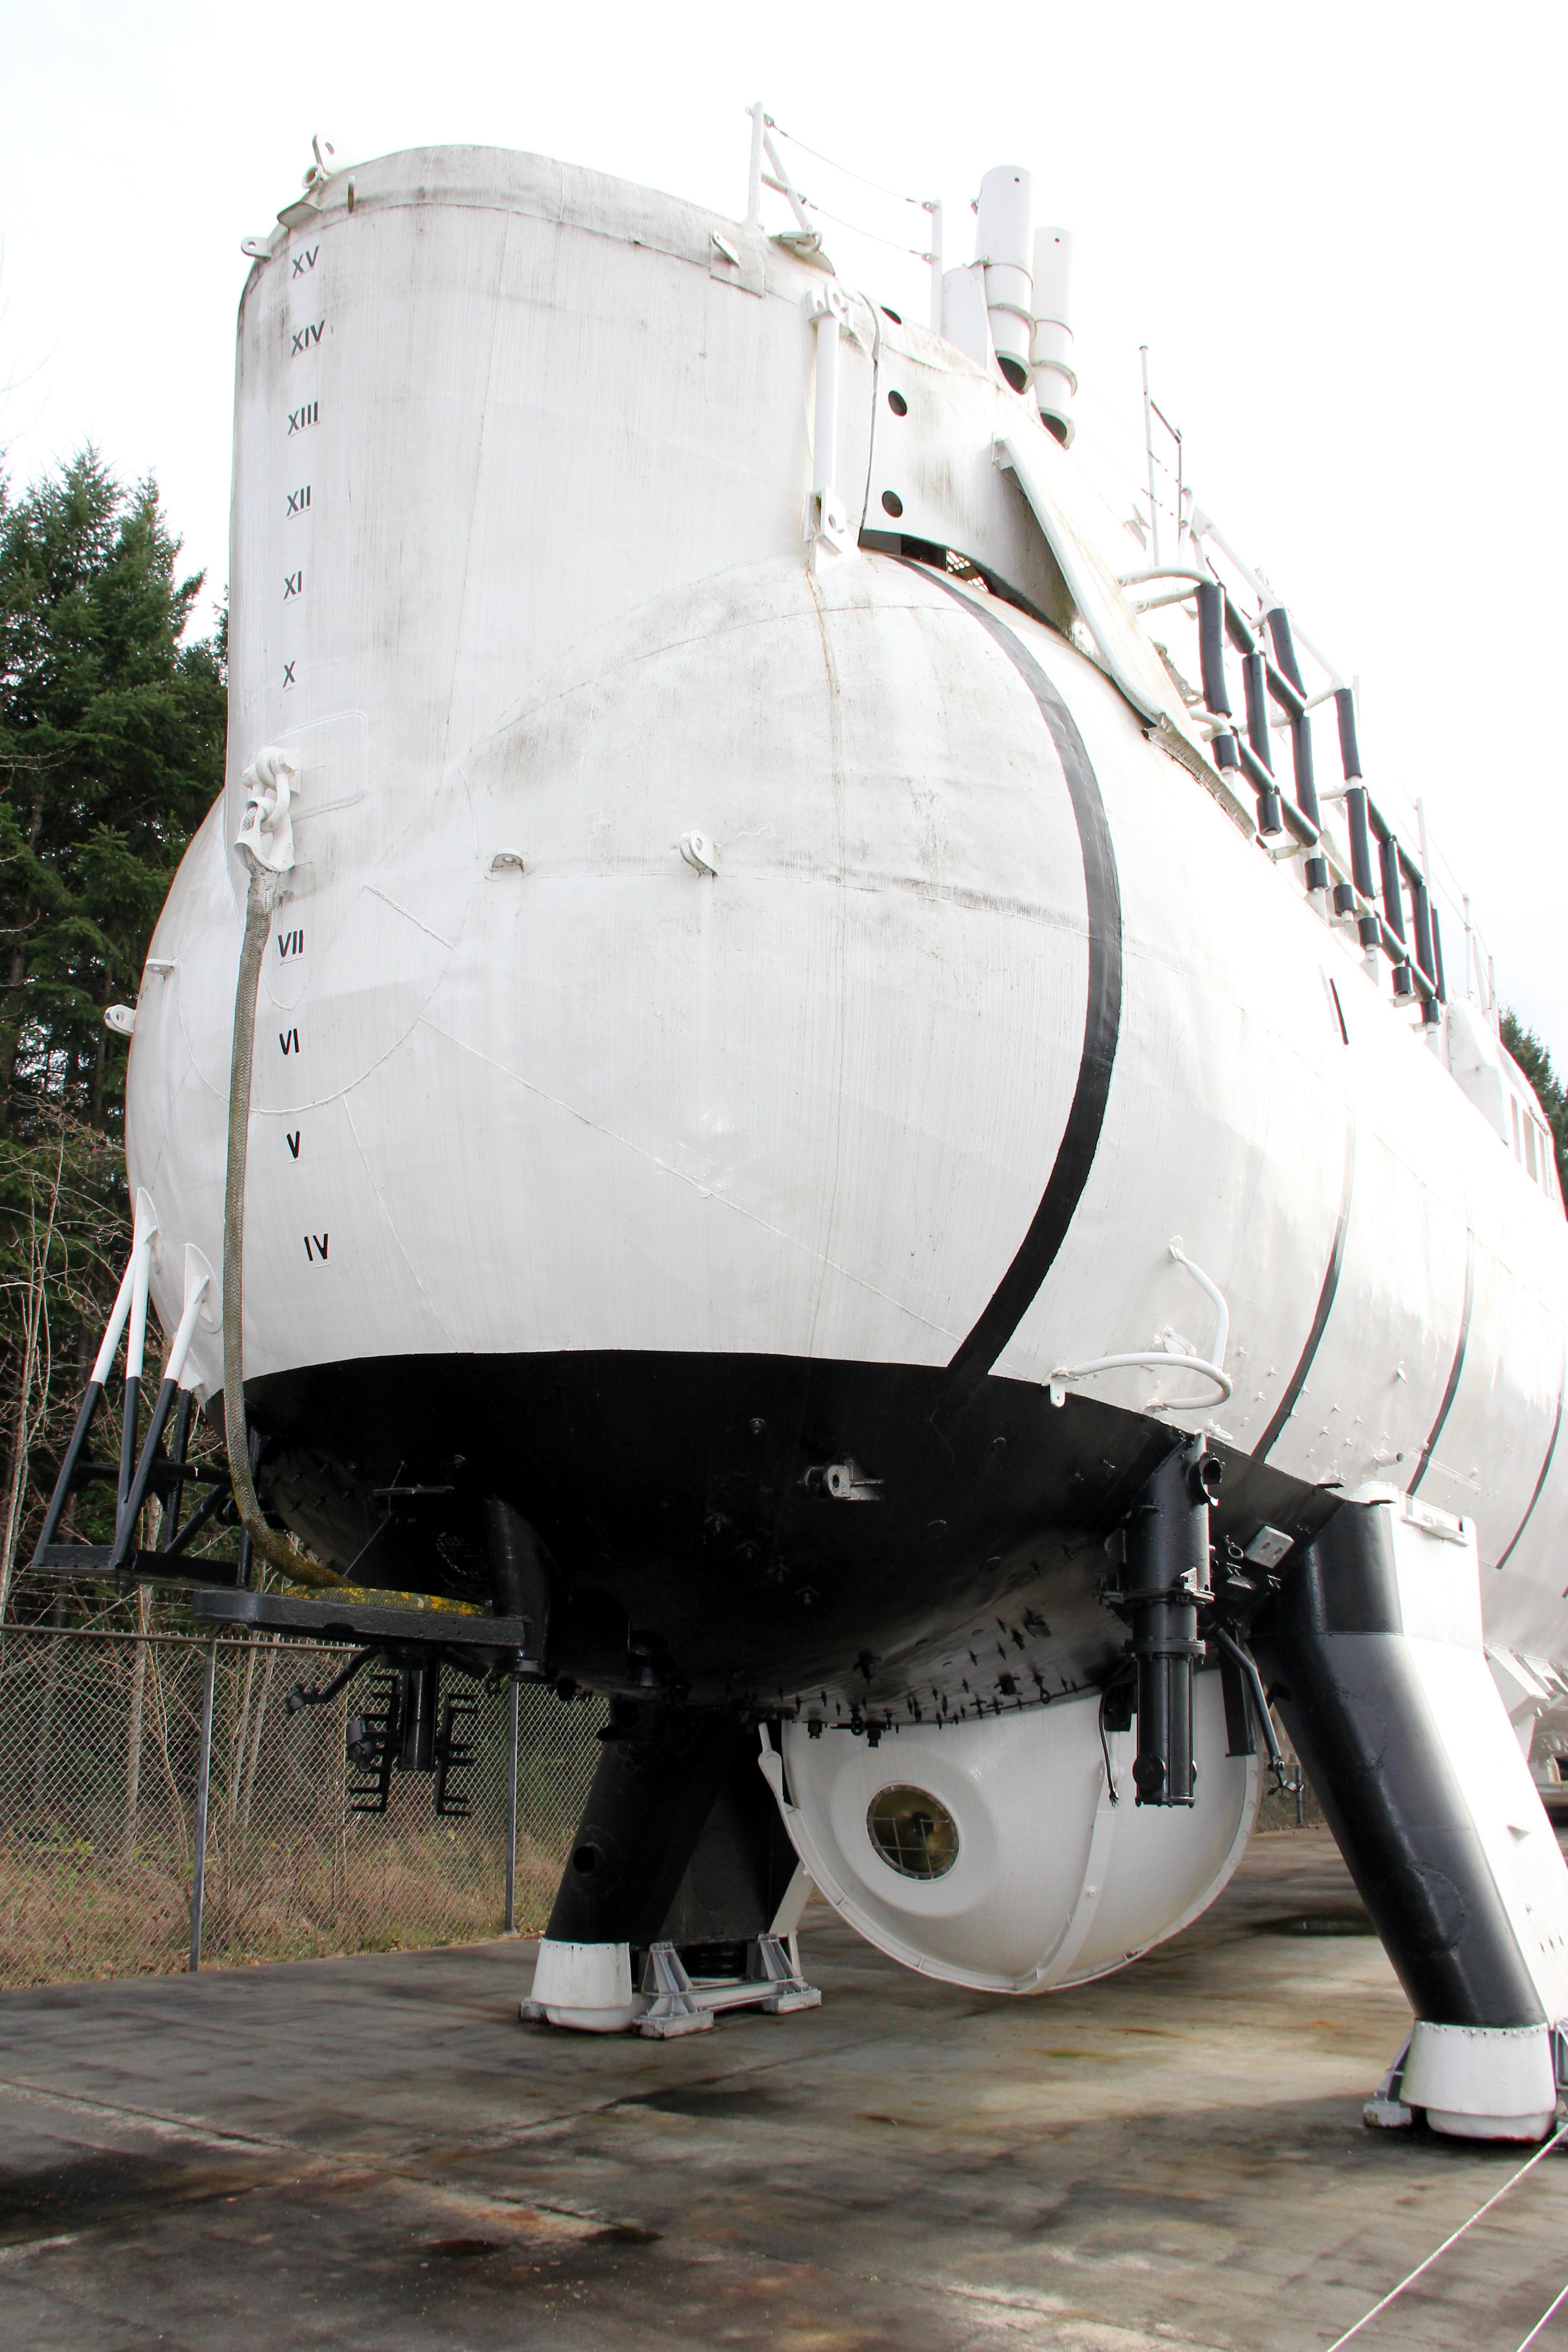 barellieri trieste submarine - photo#48